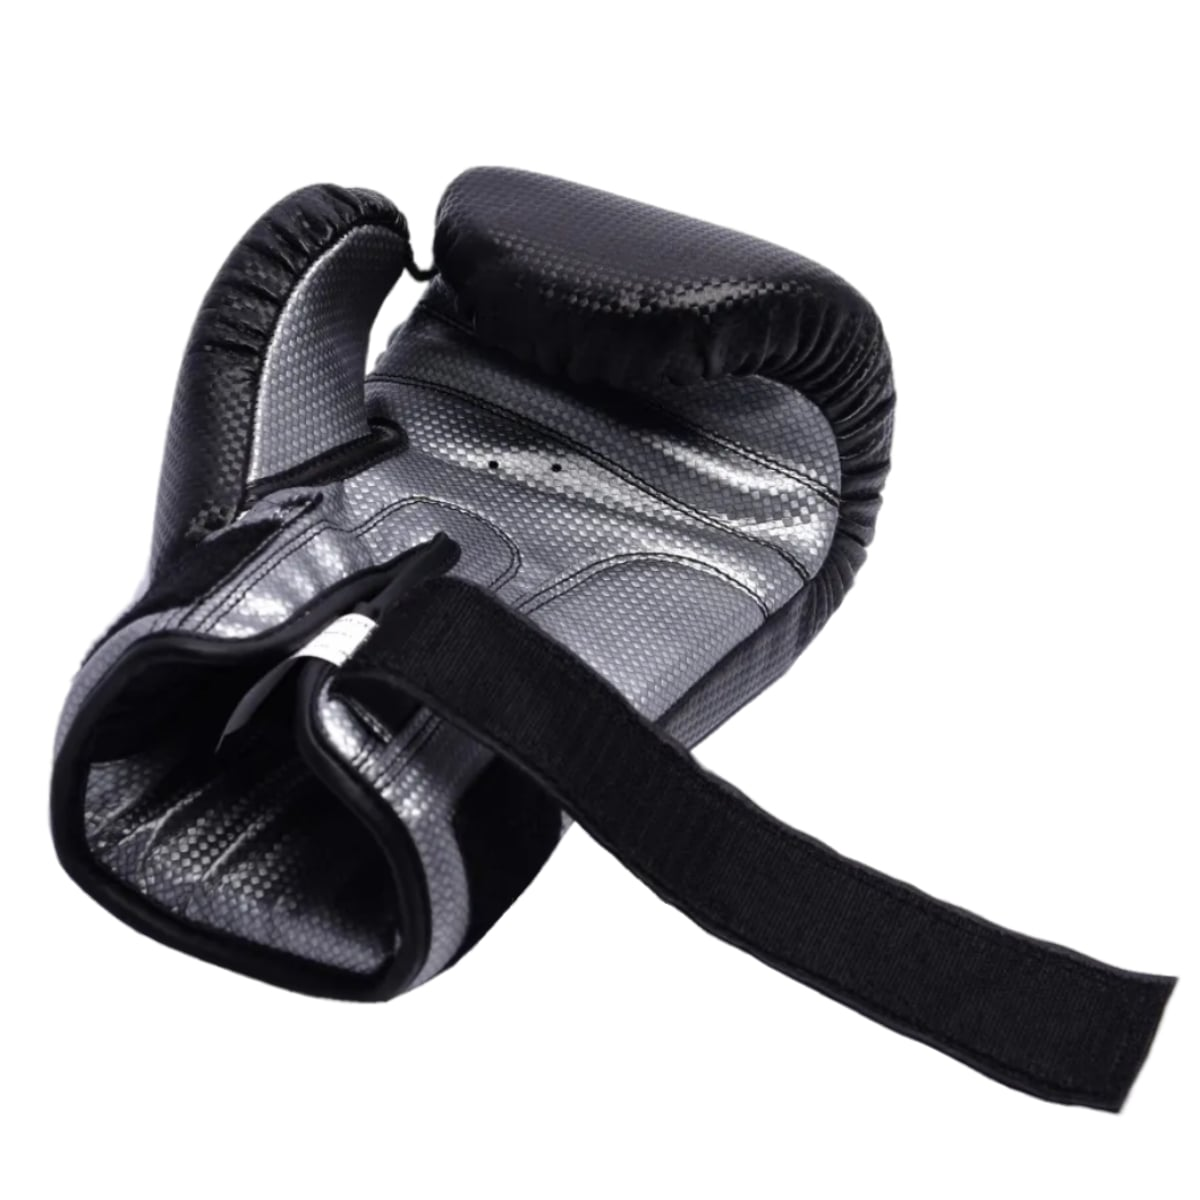 Luva Boxe MKS New Prospect - Preto e Prata